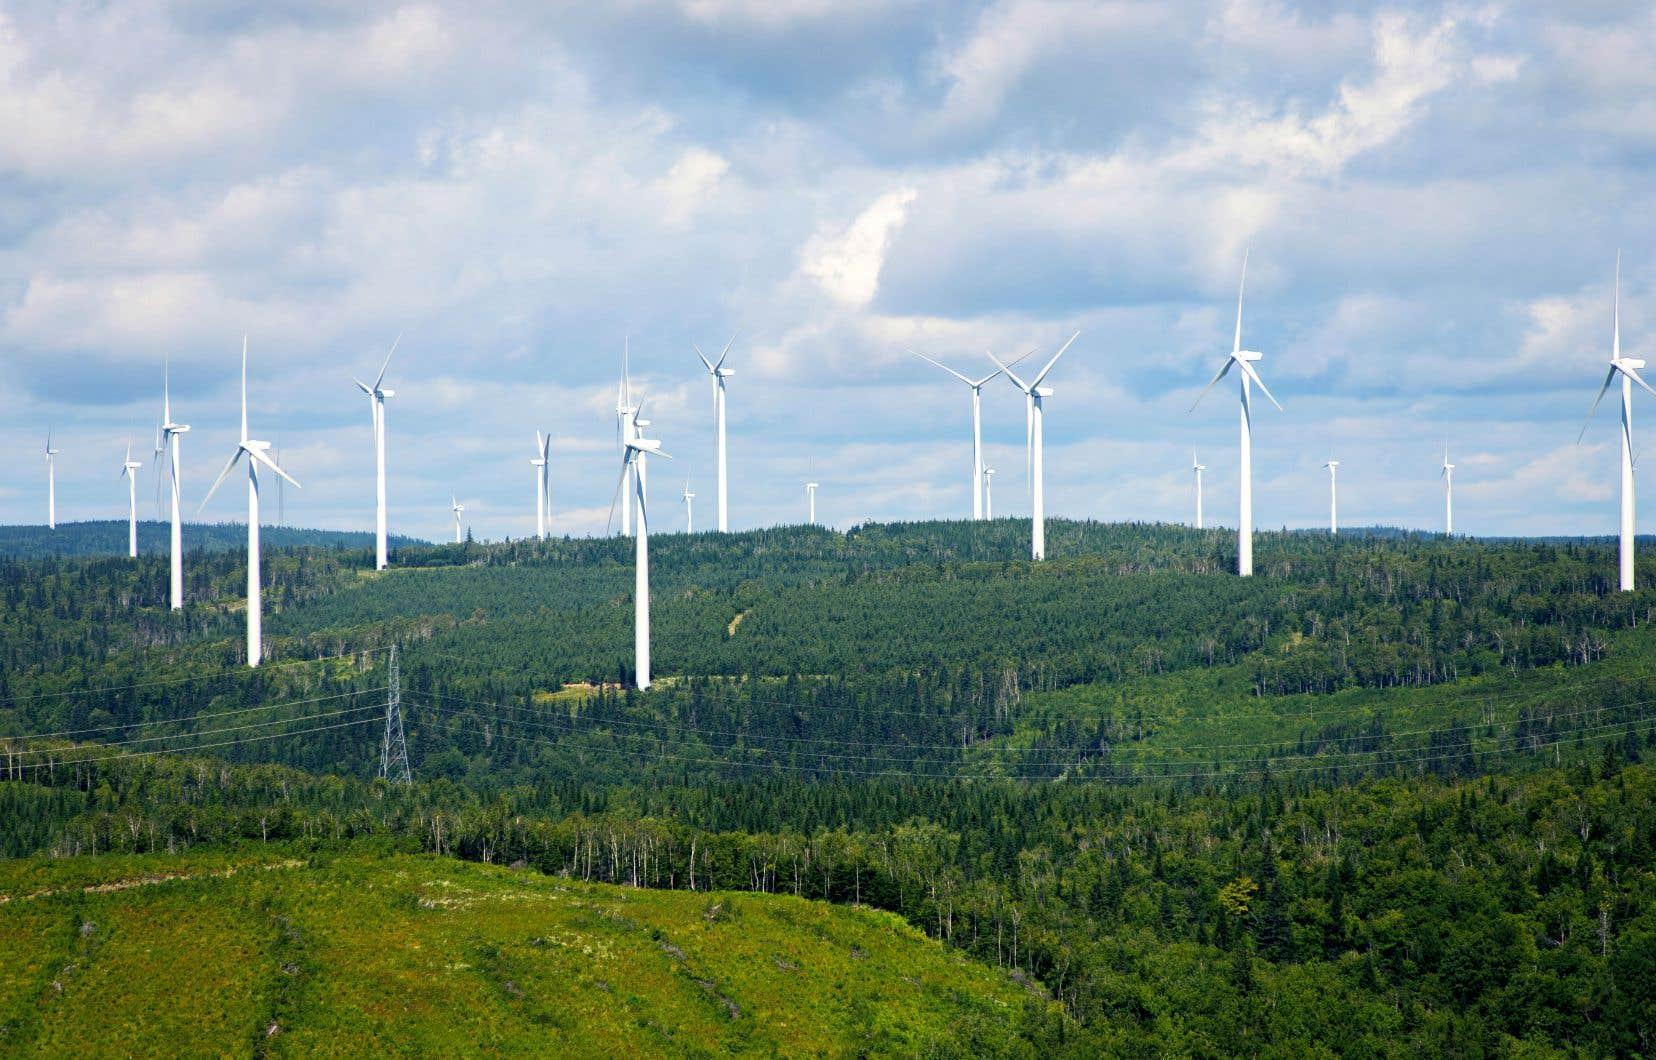 Le parc éolien de Carleton, en Gaspésie. L'éolien représente environ 6% de la production d'électricité du réseau d'Hydro-Québec, souligne l'auteur.